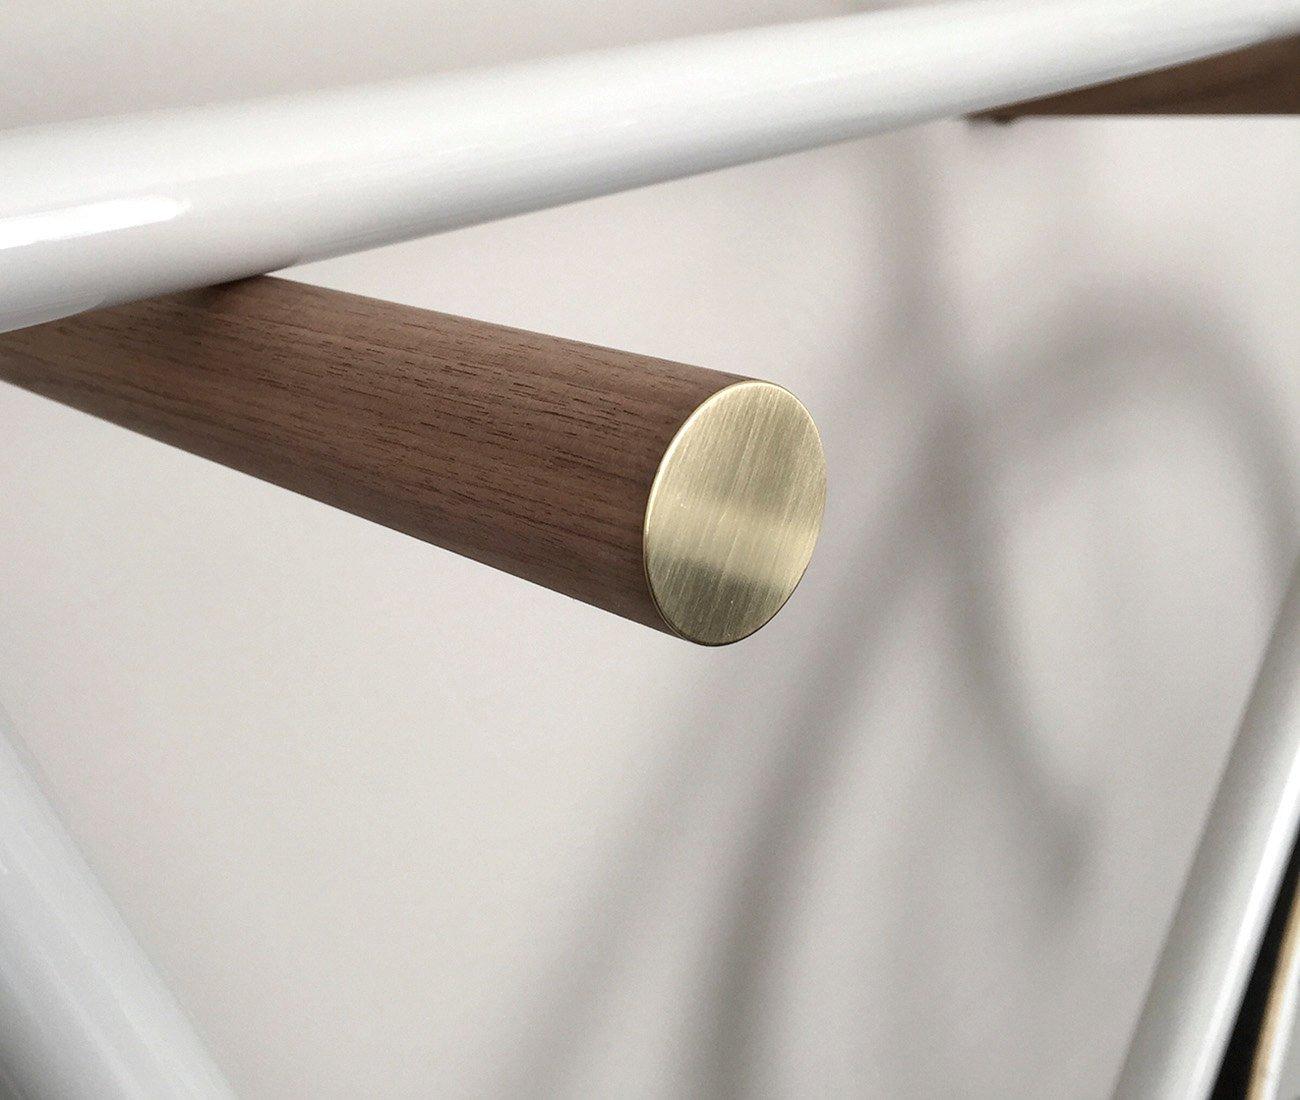 de haute qualit/é en m/étal/ /Bike Hooks/ ou couleur en ch/êne ou Noyer /meuble pour mo /versch avec fa/çades Baguettes /à S/élection Designer V/élo Support mural/